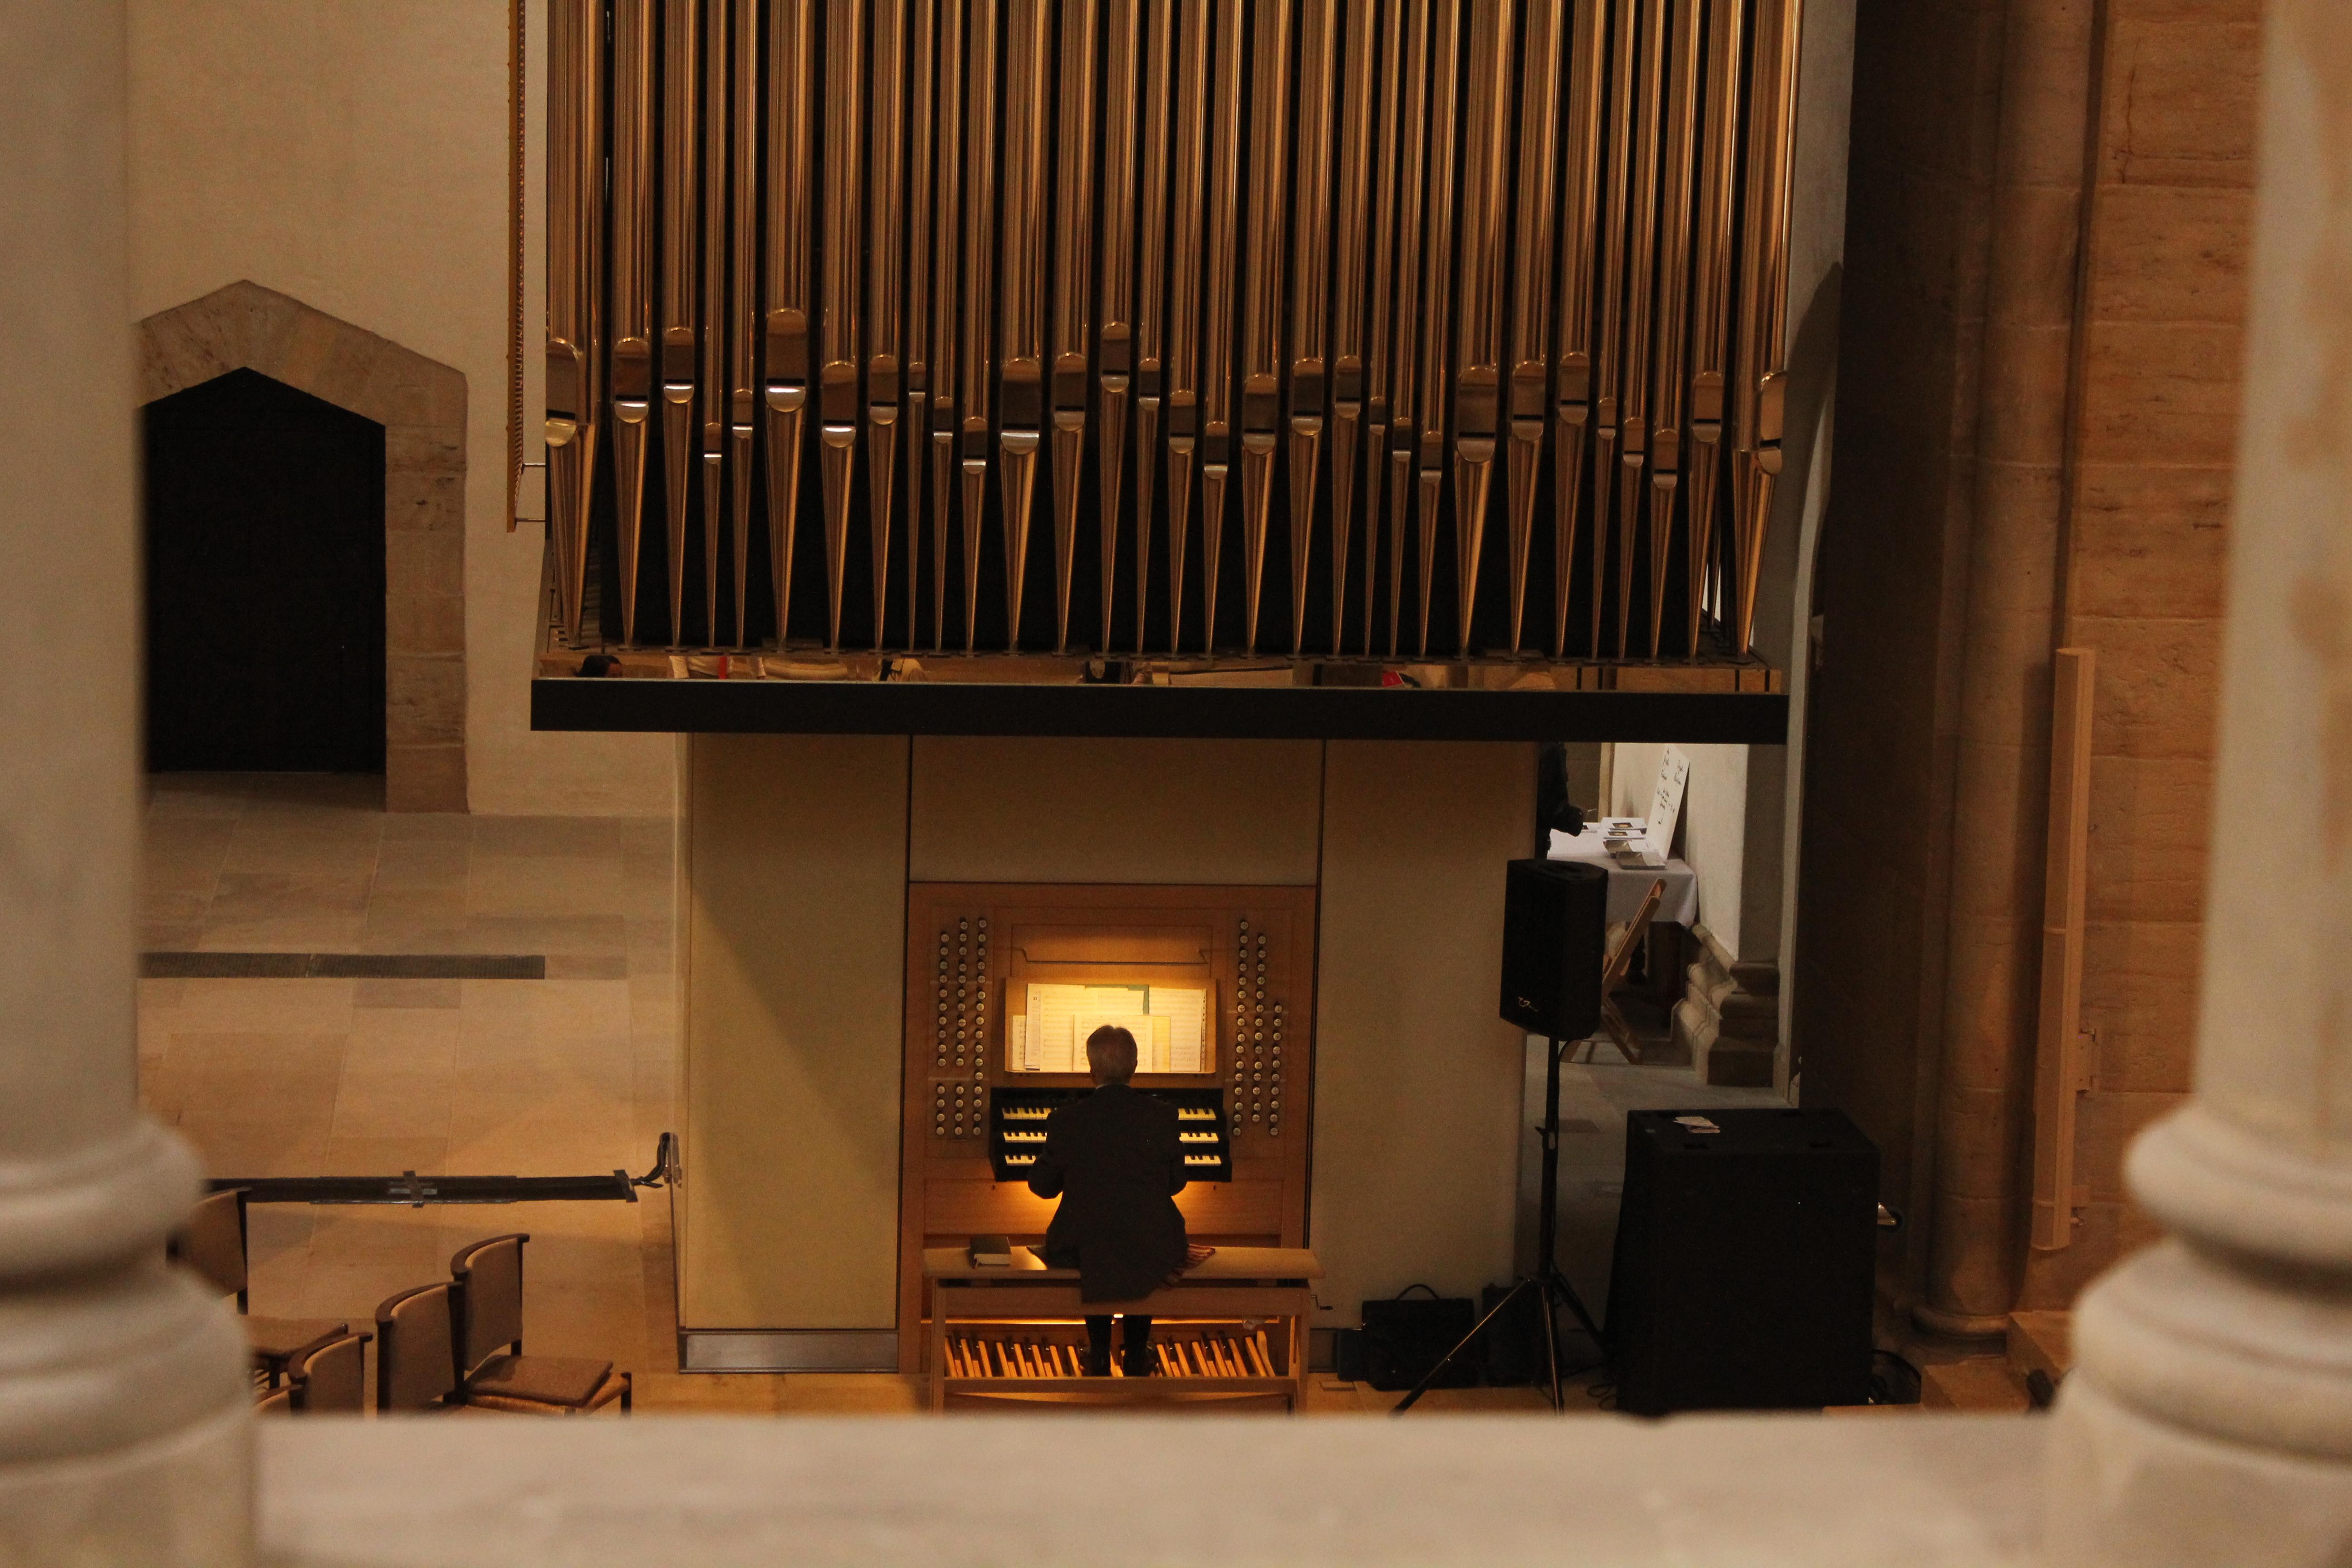 Orgelspieler Klosterkirche